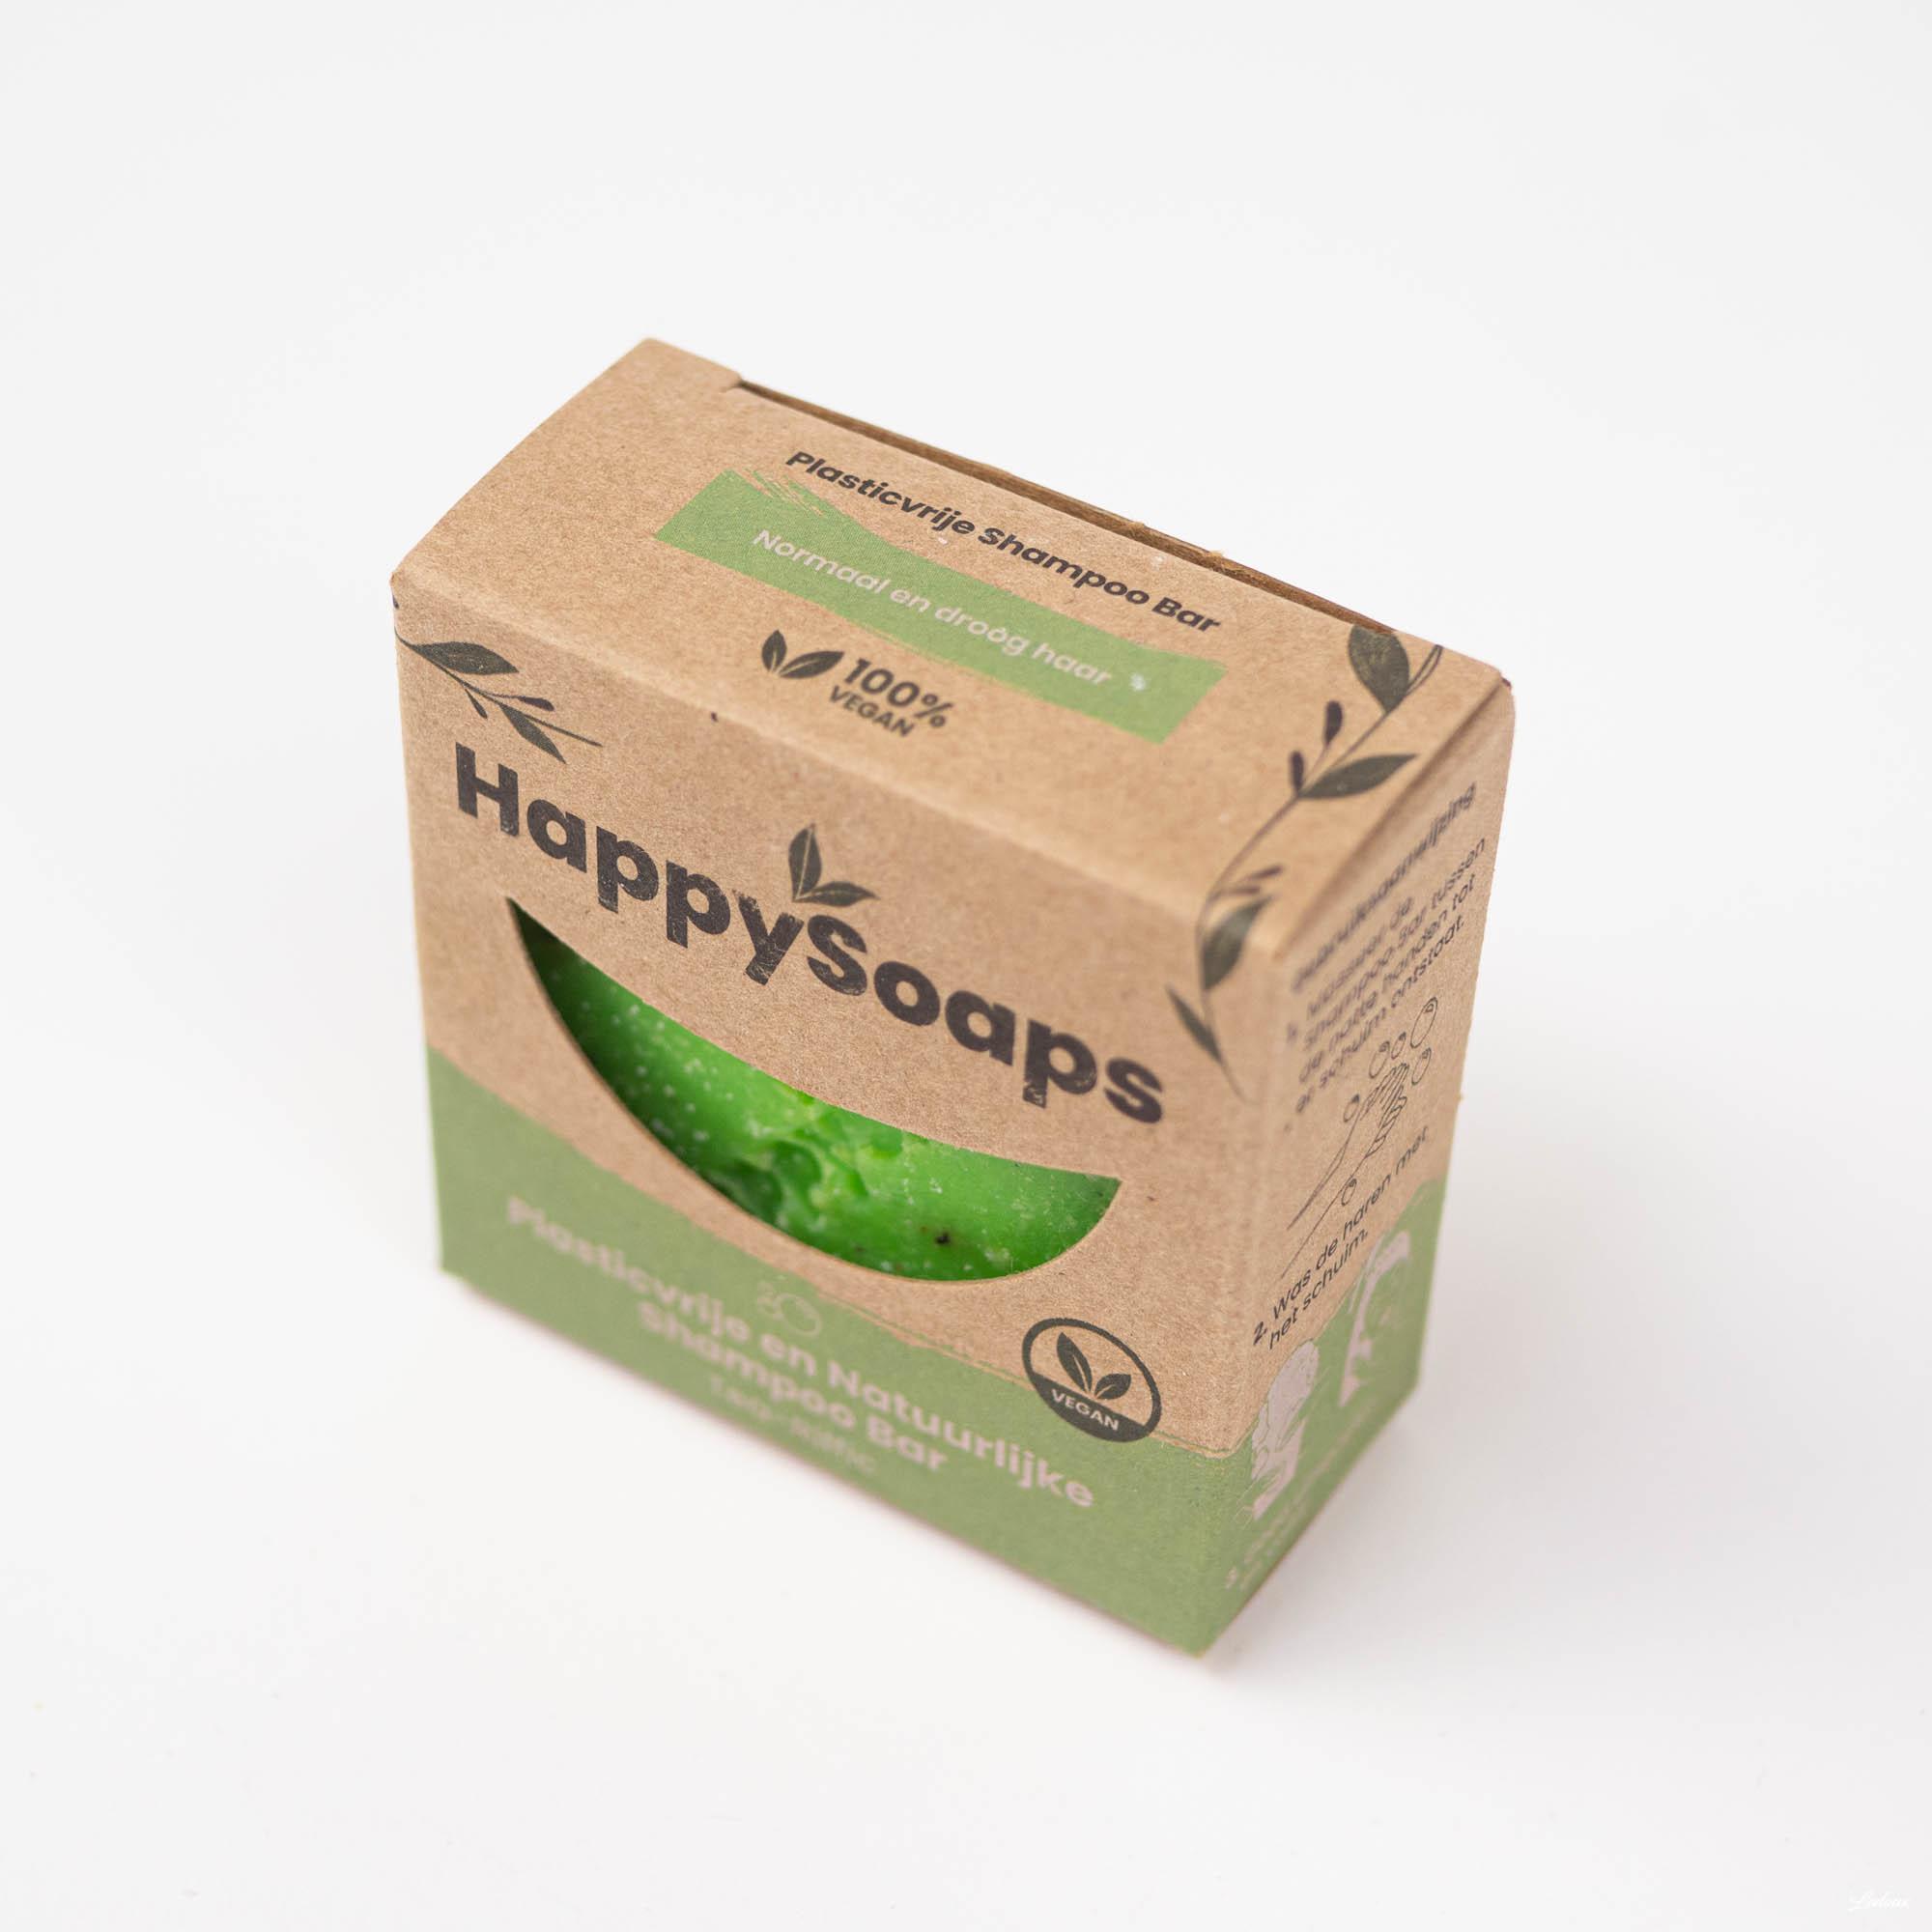 Happysoaps Shampoo Bars Tea-Riffic steeds aan de beste prijzen bij Wave Thirteen